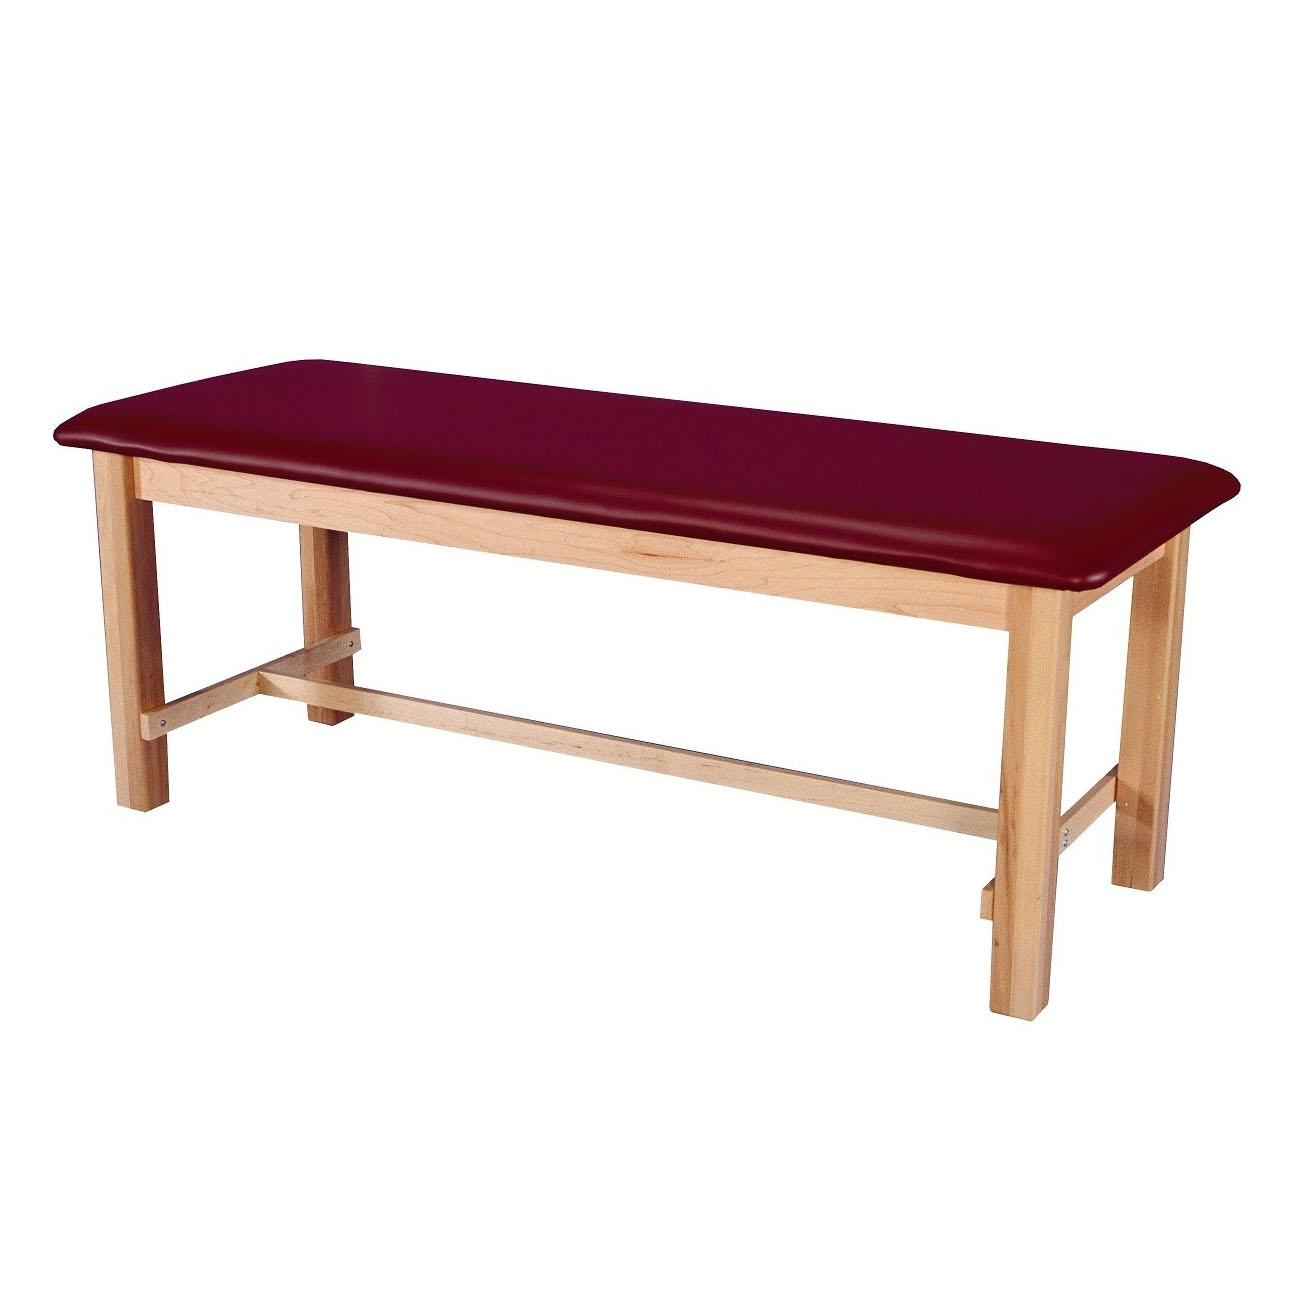 Armedica maple hardwood treatment table